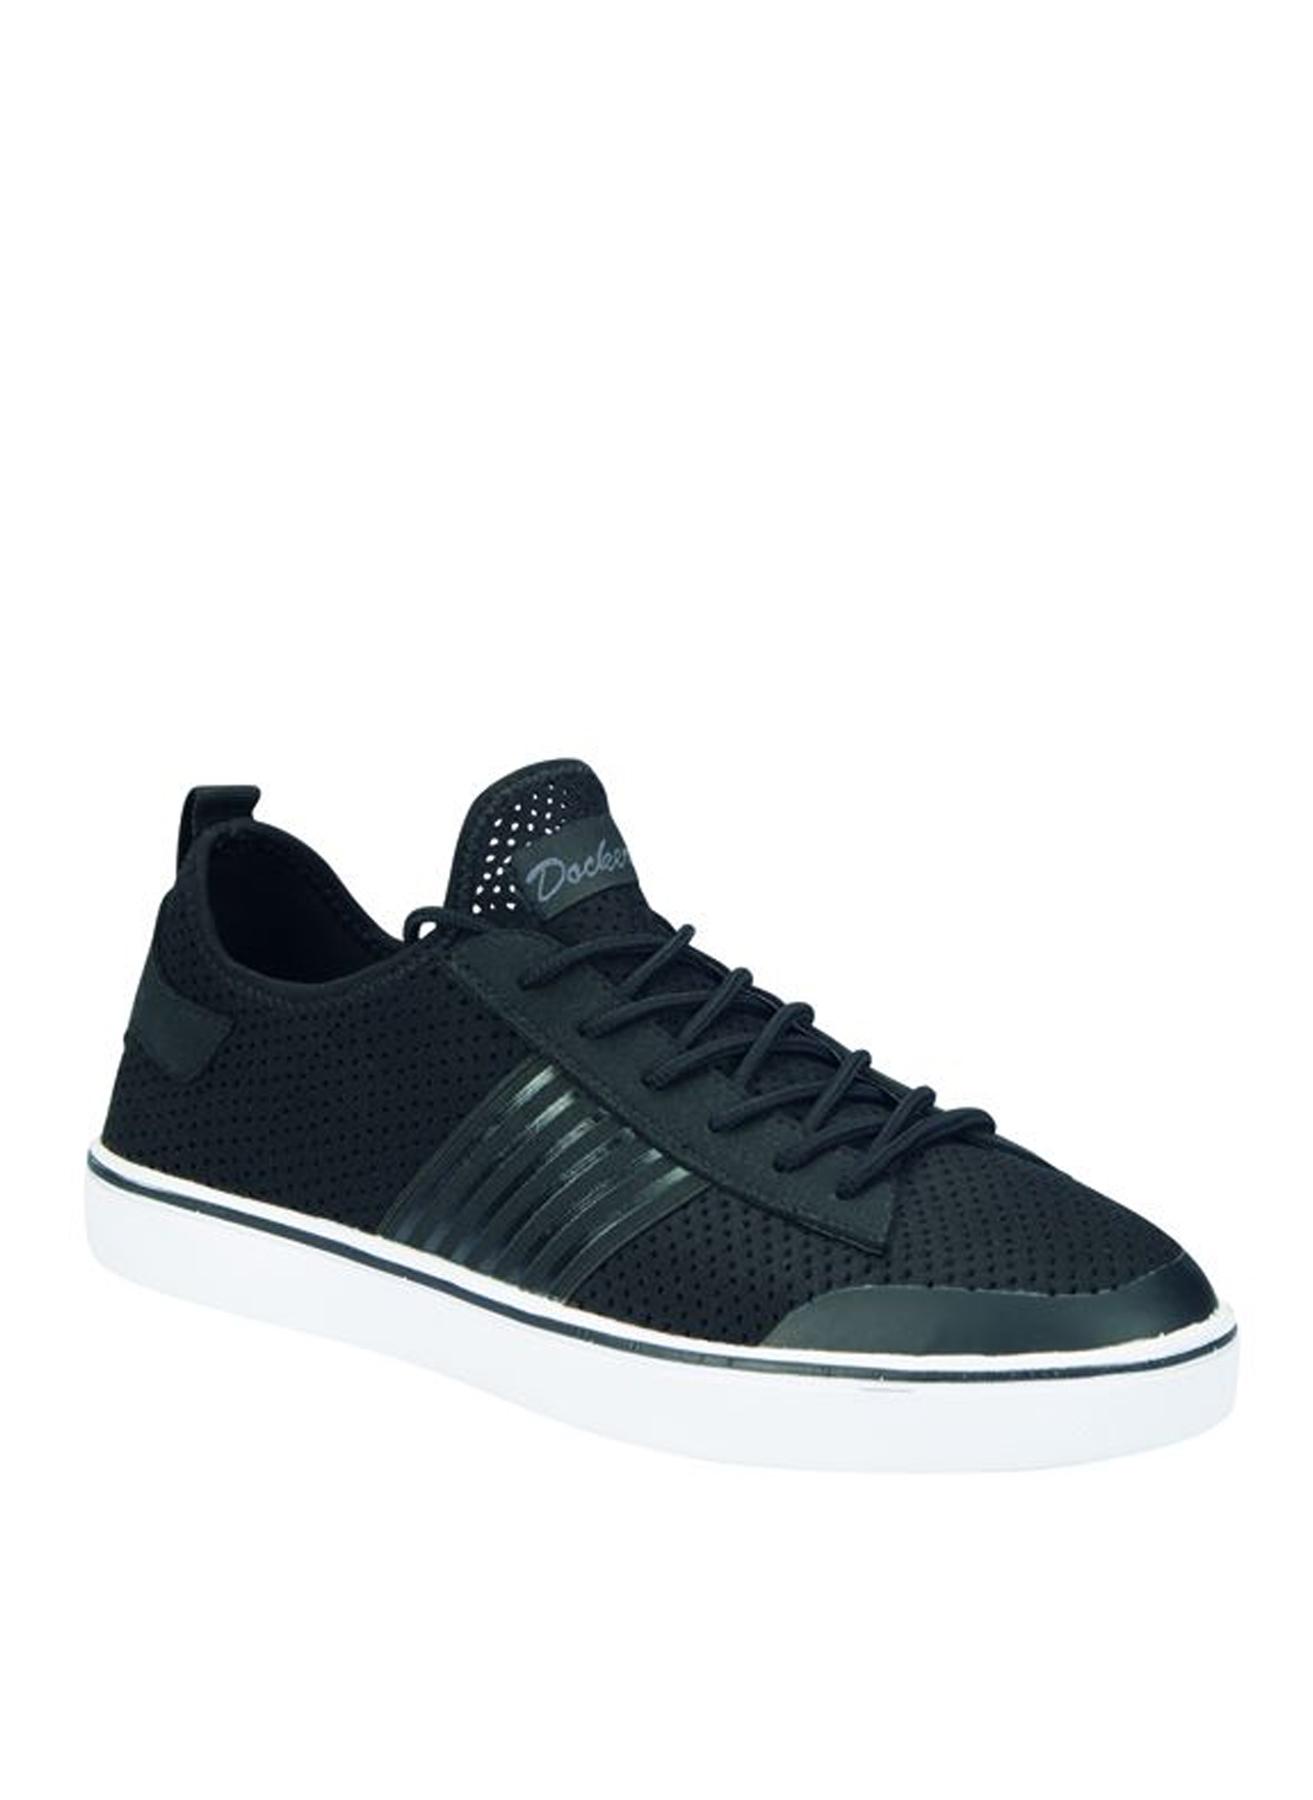 Dockers Günlük Ayakkabı 45 5001911497006 Ürün Resmi